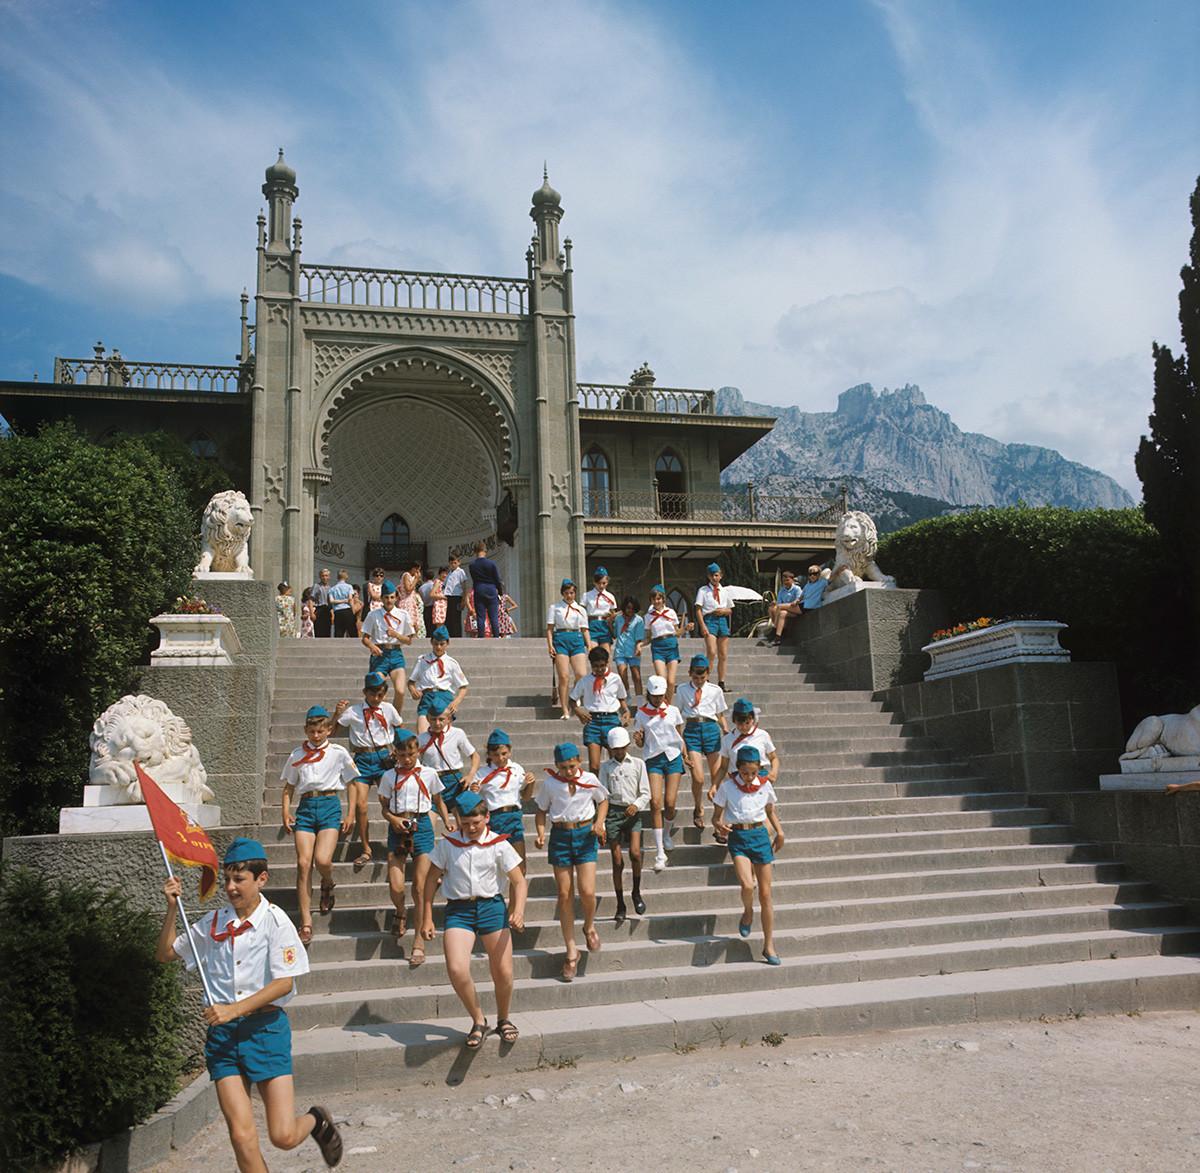 Pioneiros em excursão ao Palácio Vorontsov, Crimeia, 1970